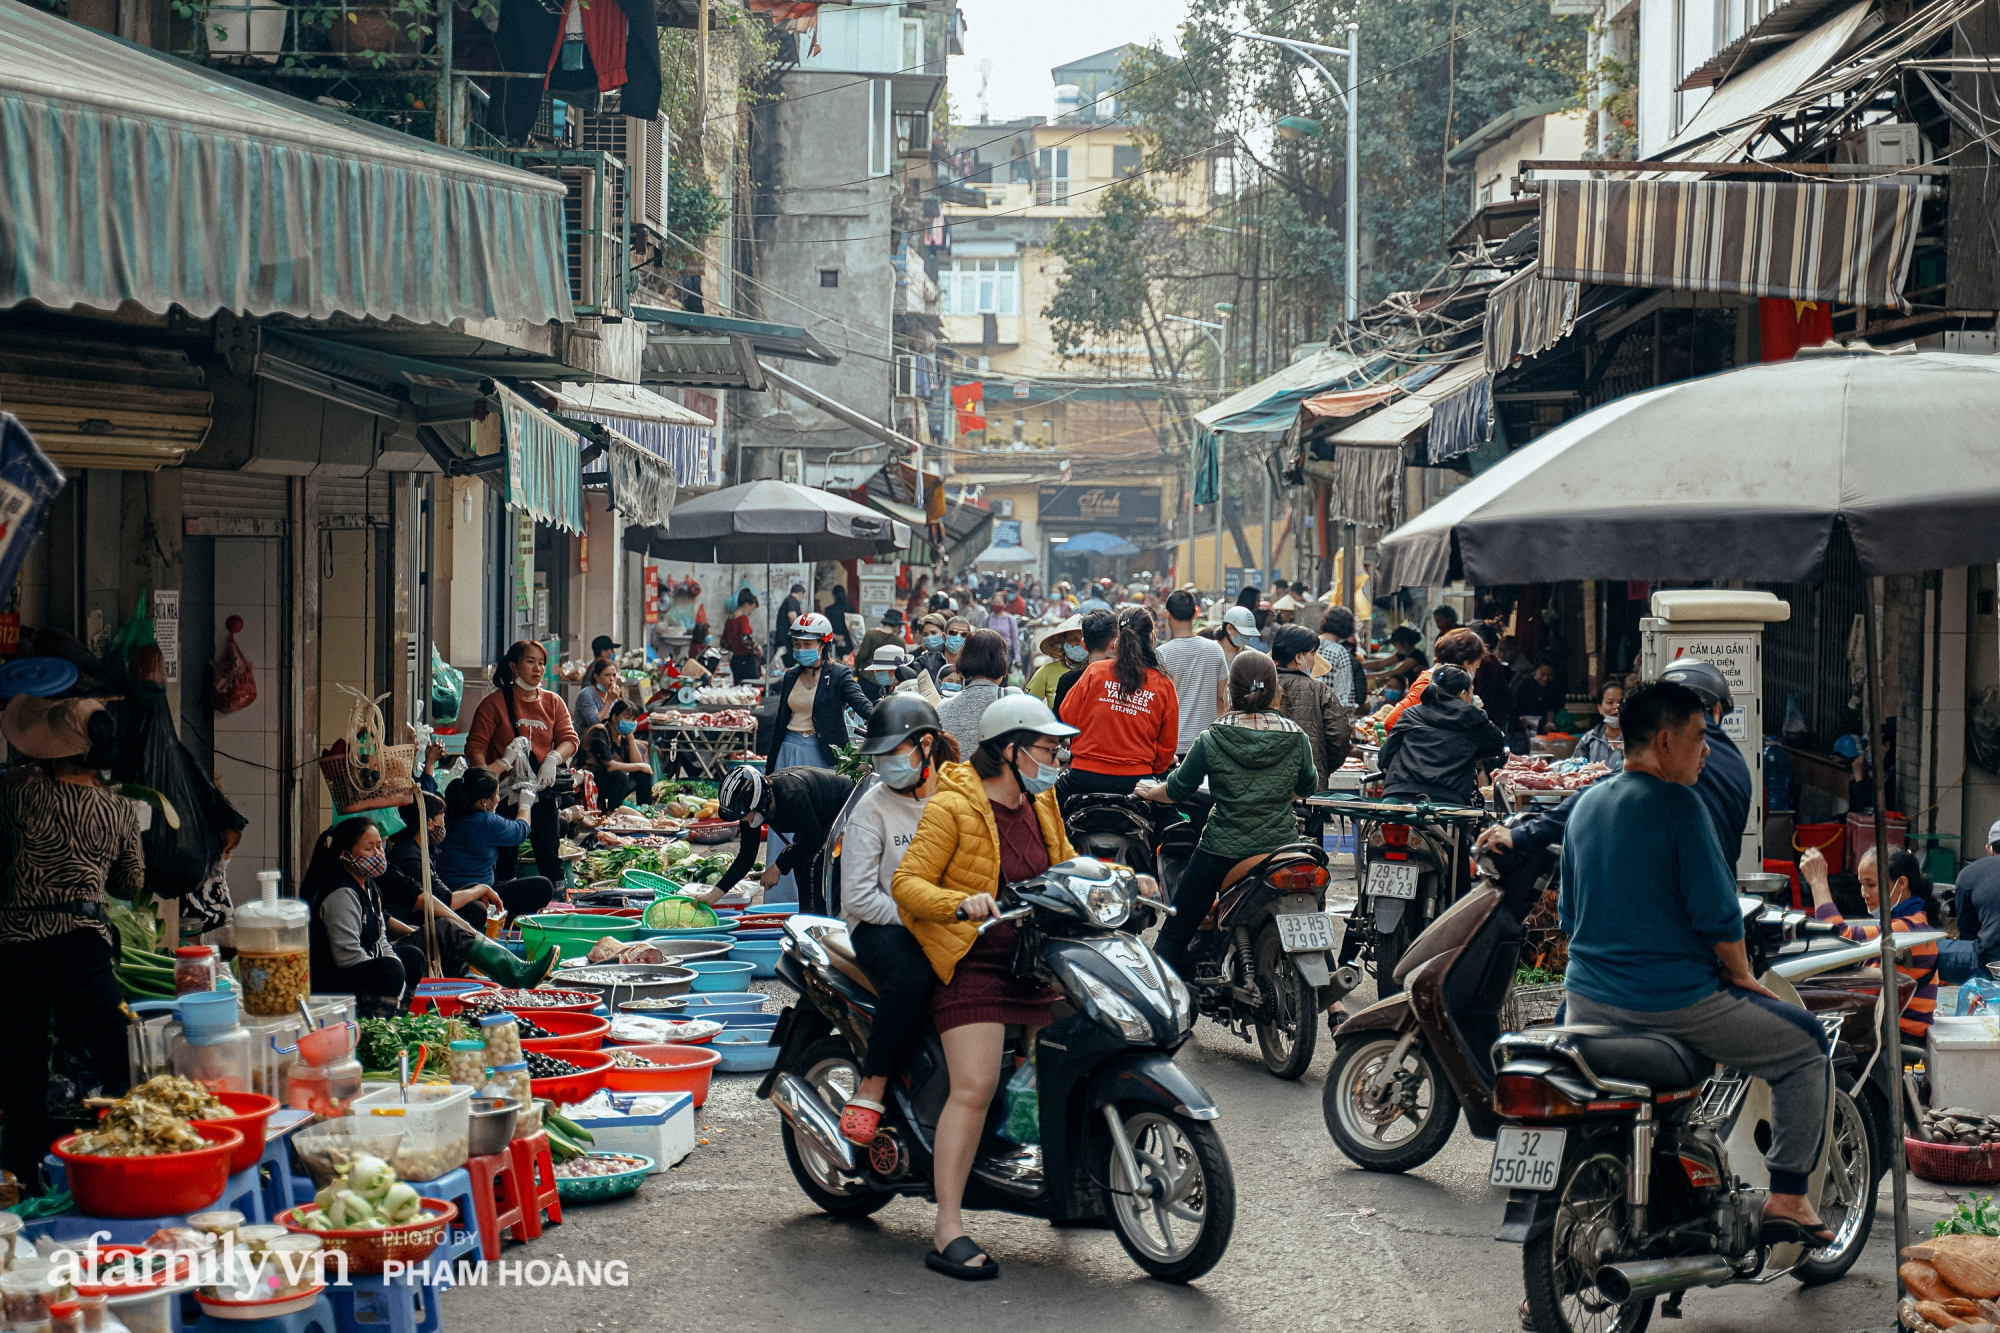 Ngày cuối năm bình yên trong ngõ chợ Thanh Hà - ngôi chợ lâu đời nhất phố cổ được giới nhà giàu chuộng mua vì toàn đồ chất lượng tươi ngon - Ảnh 4.